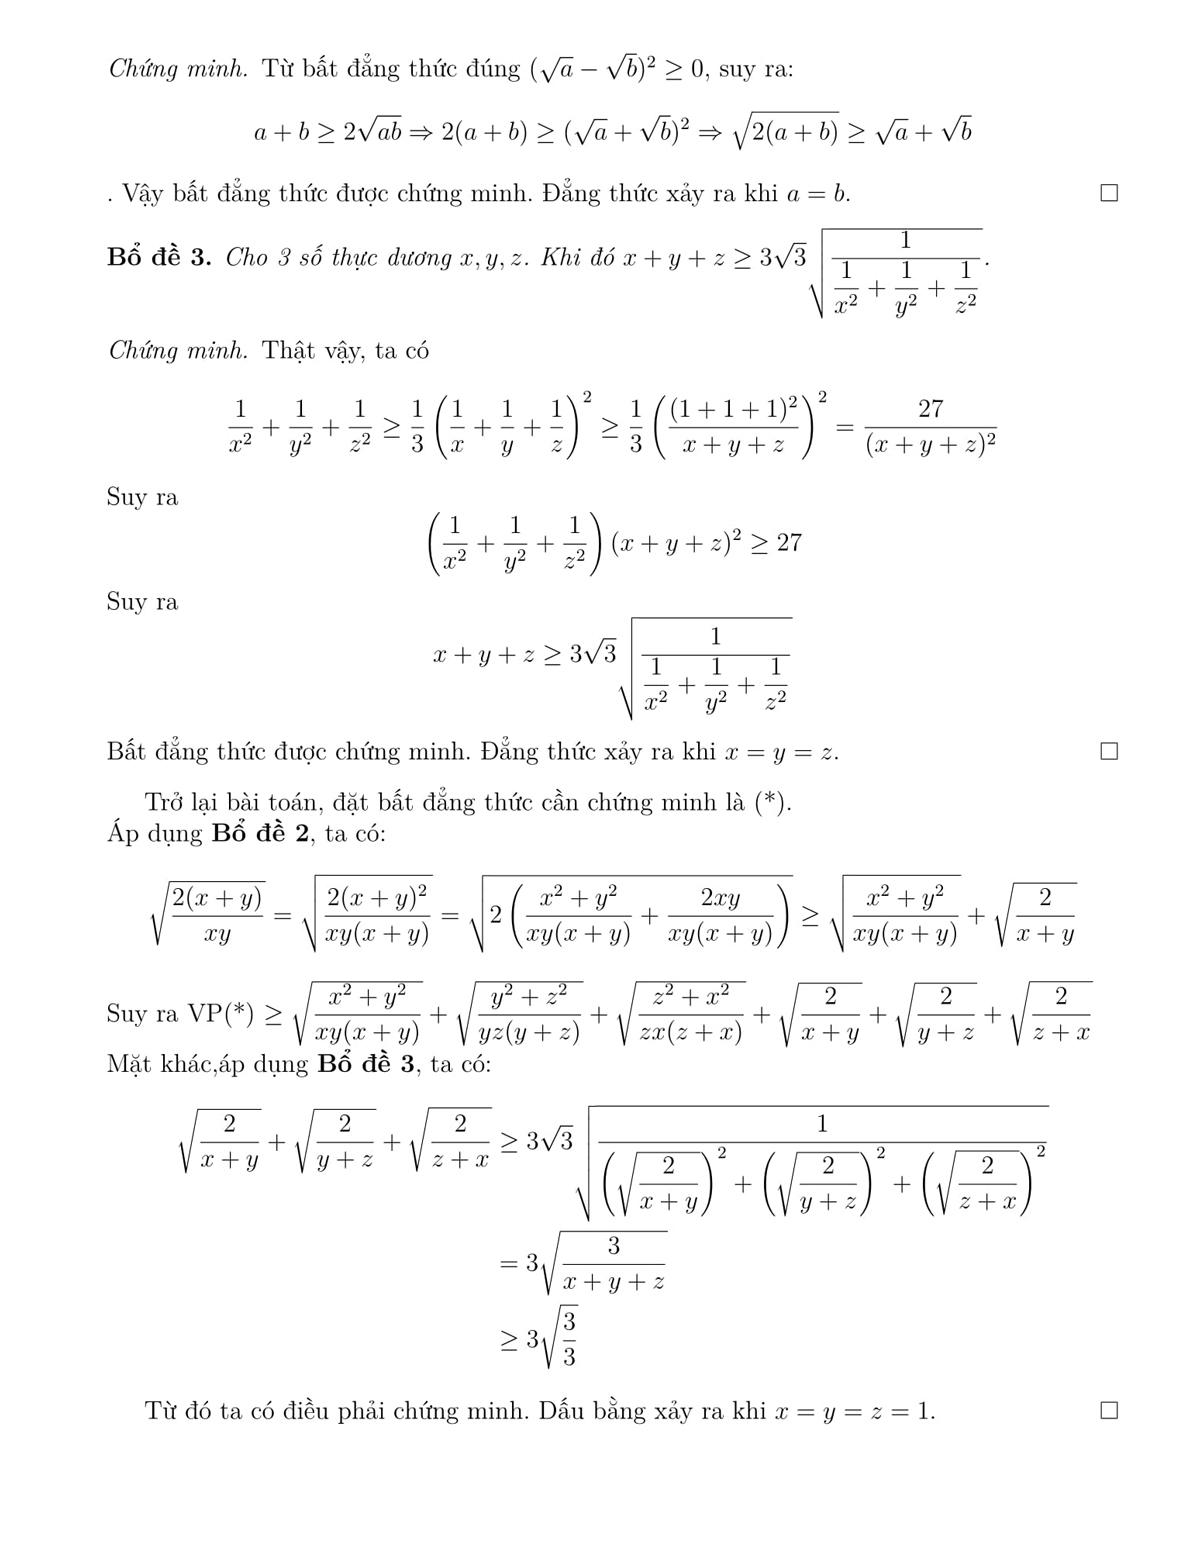 Lời giải đề Toán chuyên vào lớp 10 ở Đà Nẵng - 6